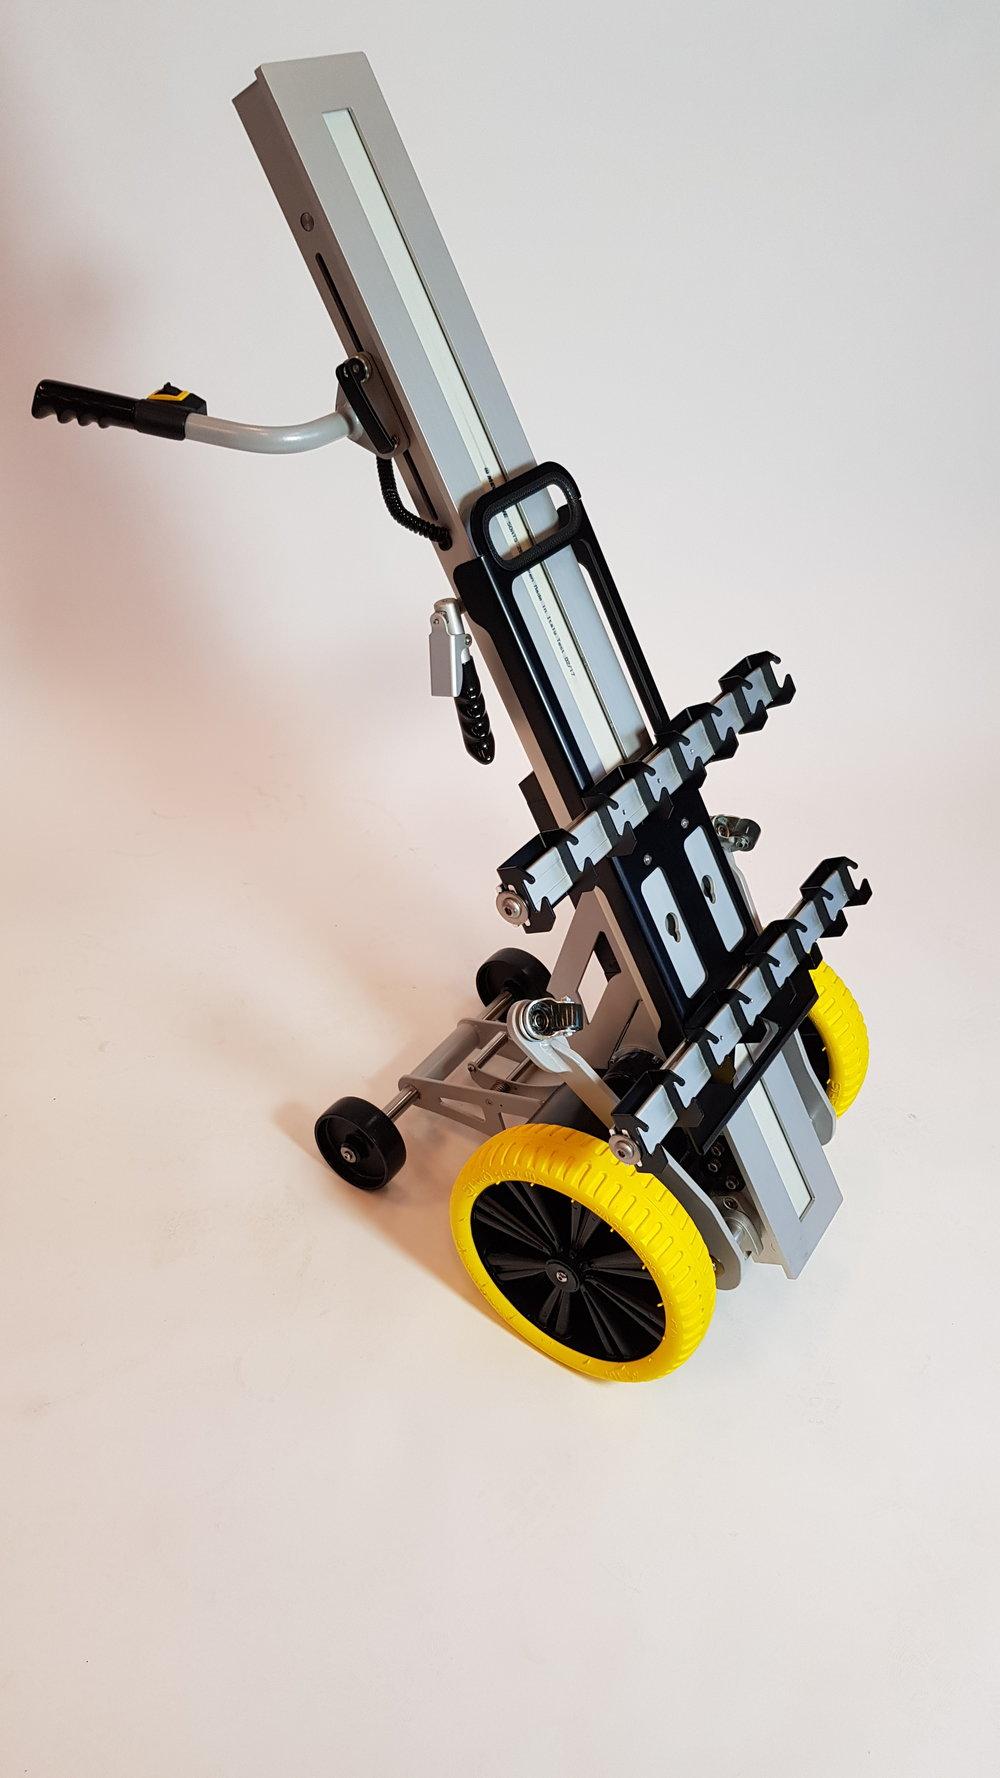 Effektivisering af arbejdsgange - Trolleyen medbringes på udrykningskøretøjerfor effektiv udlægning af brandslanger ogandet udstyr.